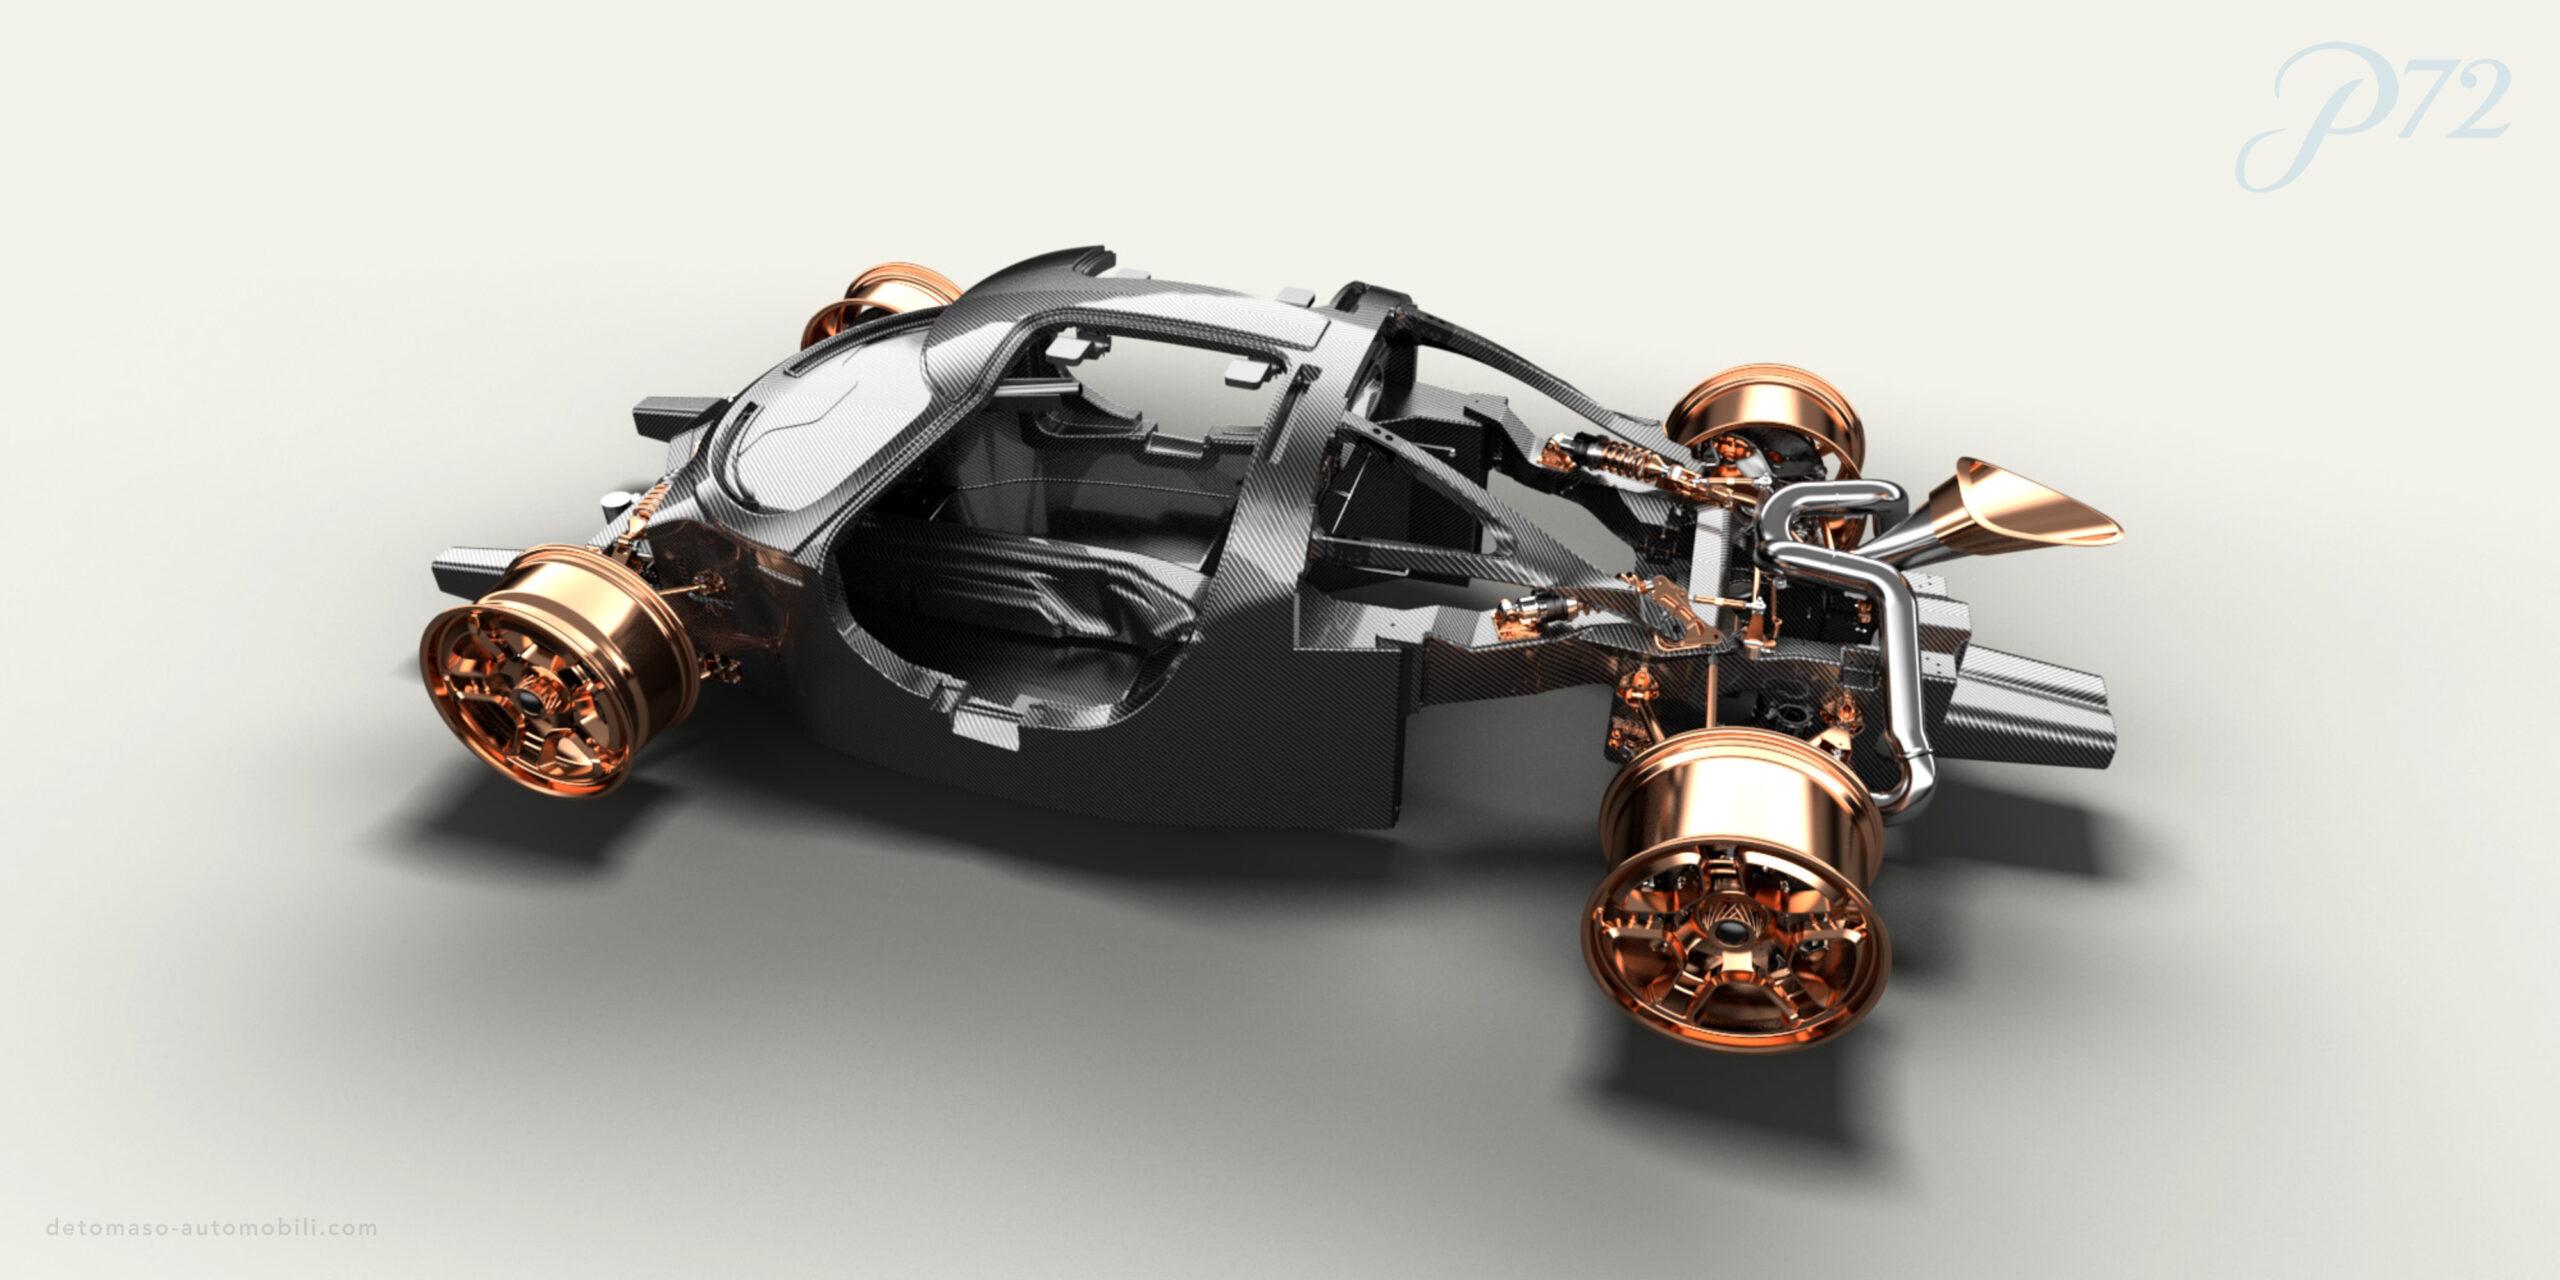 超跑品牌De Tomaso获授权Apollo平台